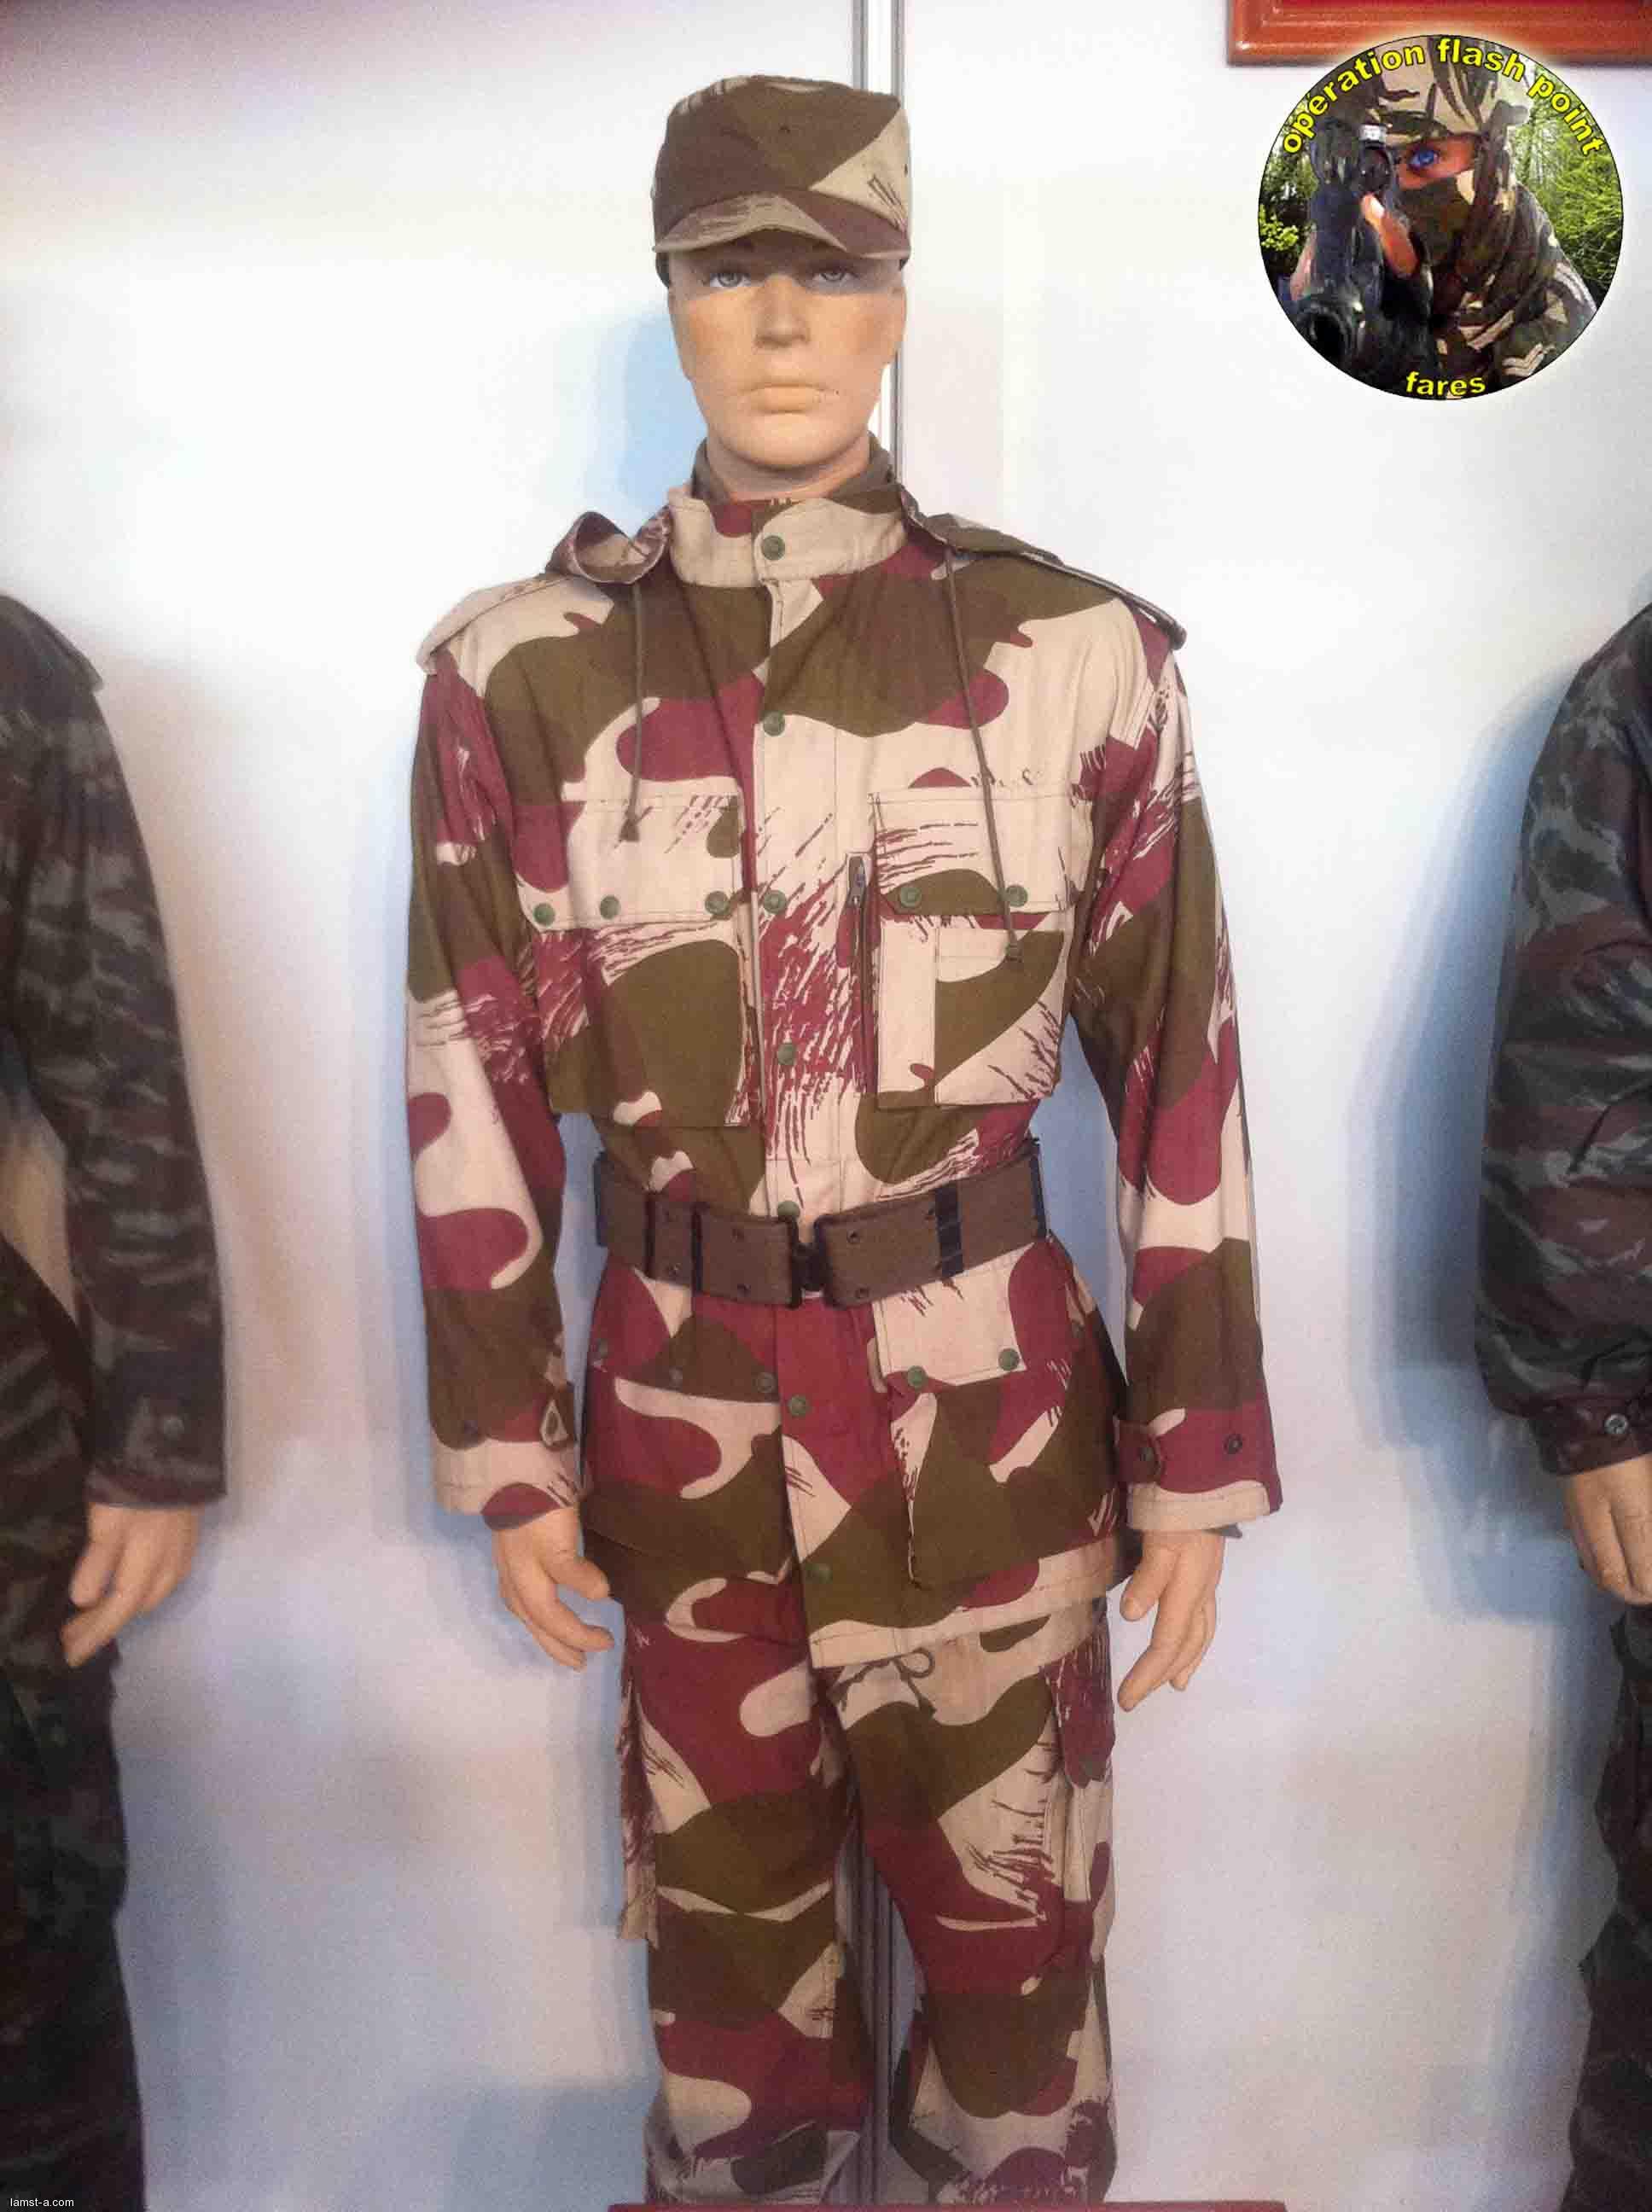 البذلات الجيش الوطني الشعبي الجزائري [ ANP / GN / DGSN / Douanes ]  - صفحة 4 27870674761_1de08a659e_o